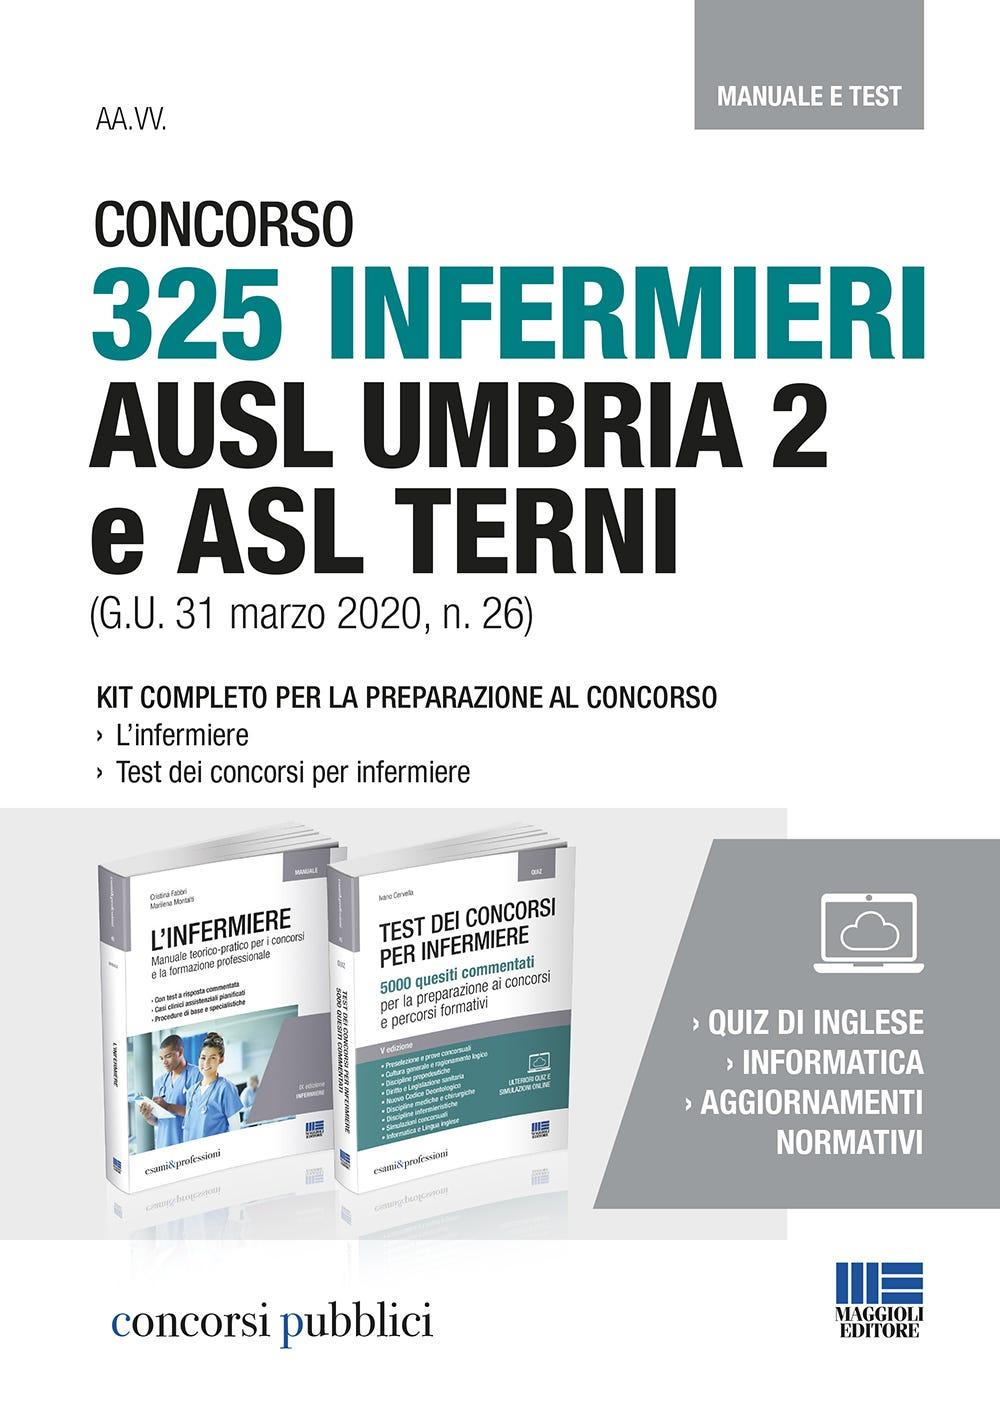 Concorso 325 Infermieri Ausl Umbria 2 E Asl Terni G U 31 Marzo 2020 N 26 Manuale E Test Maggioli Editore